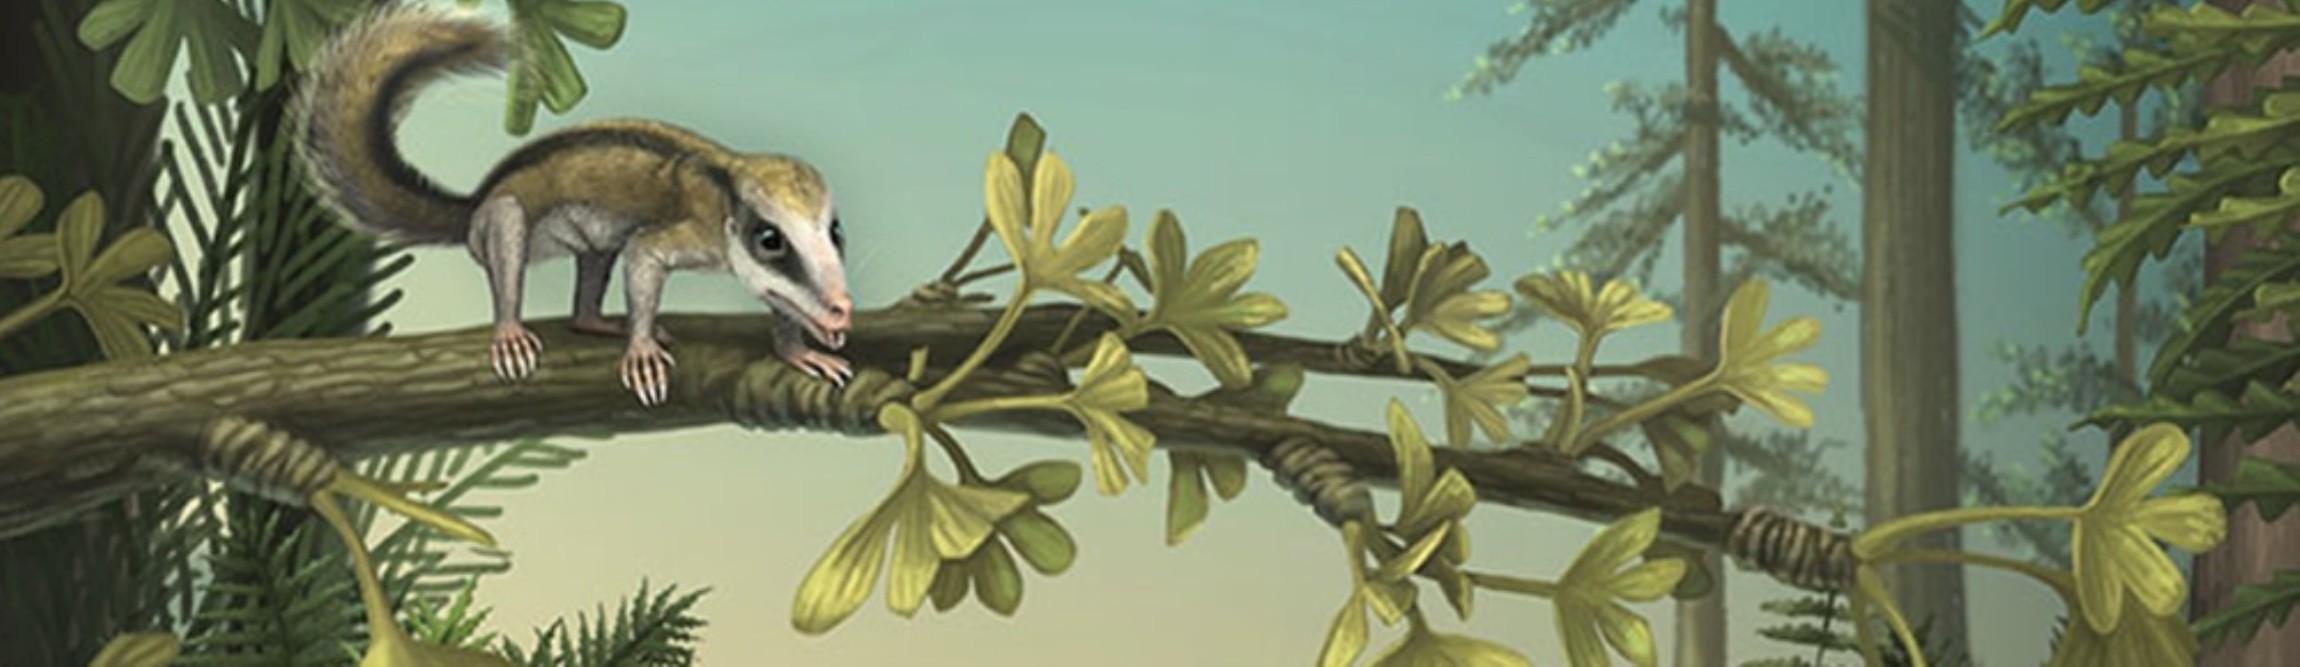 desenho retrata o Agilodocodon scansorius (Foto: reprodução)